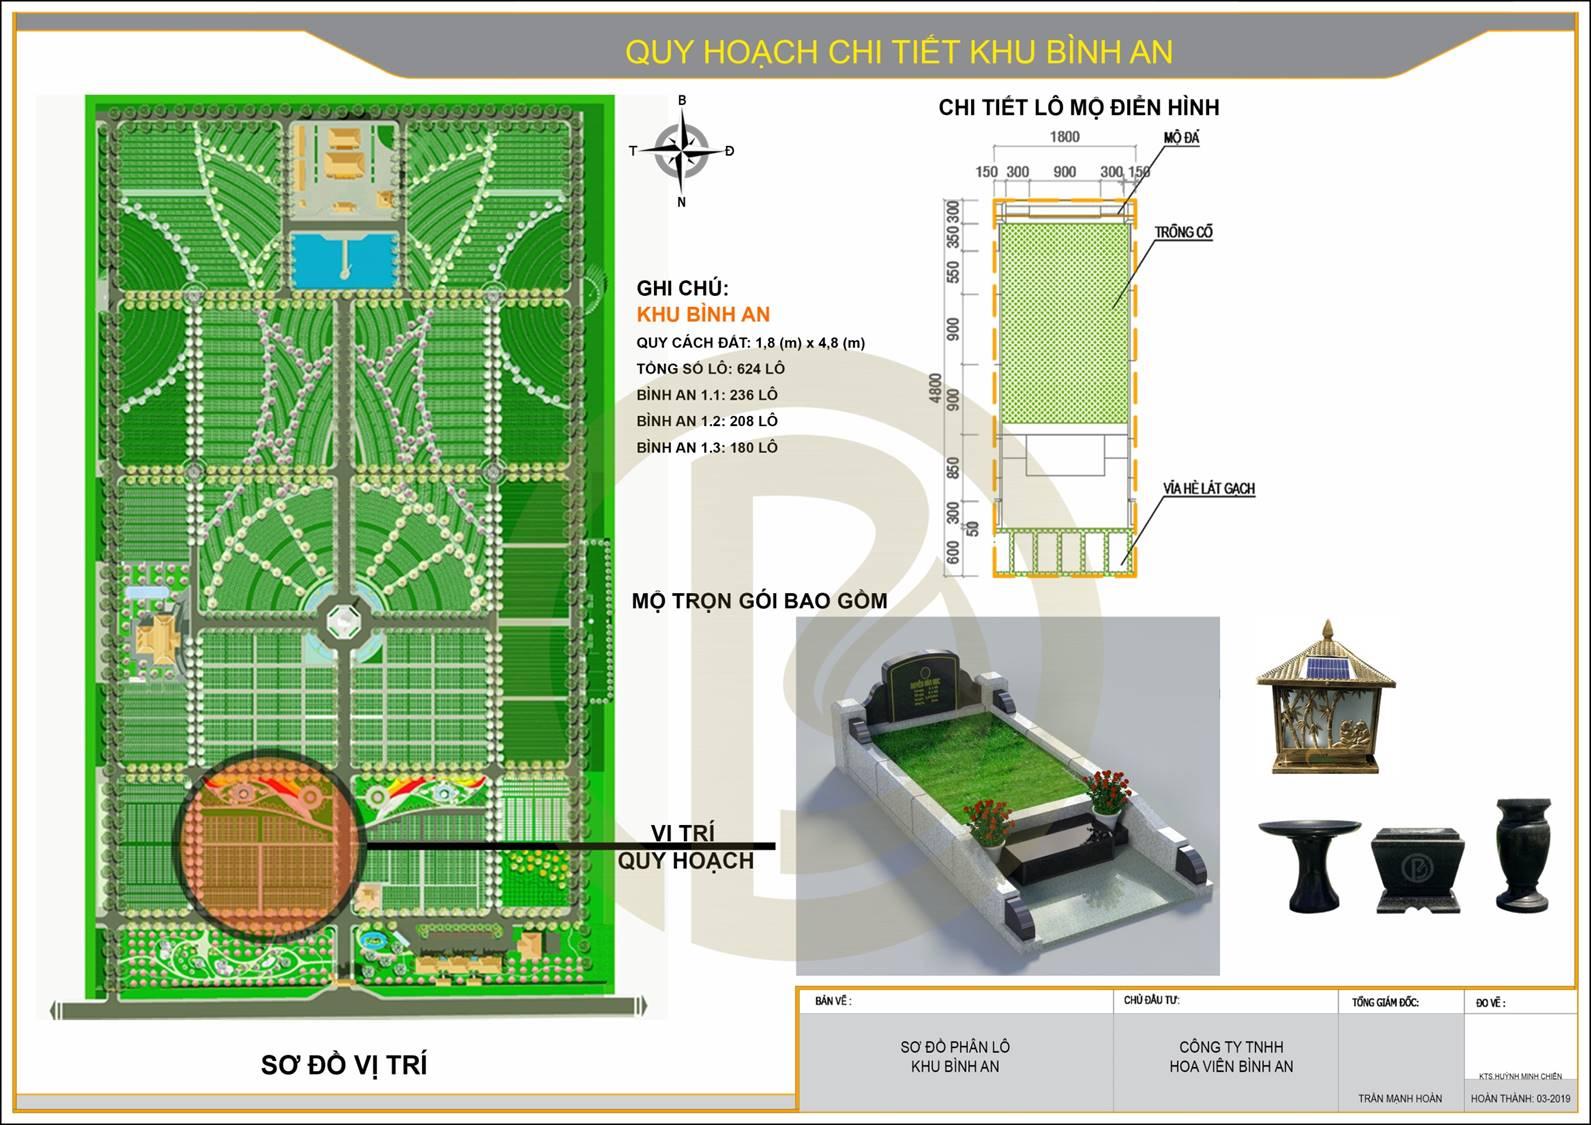 Quy hoạch chi tiết khu Bình An